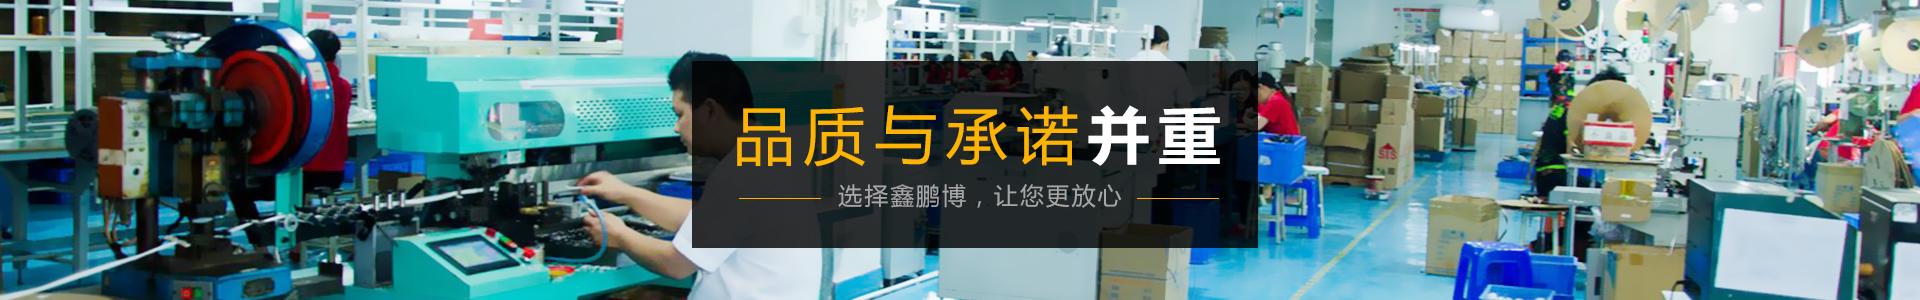 bc体育连接器生产厂家